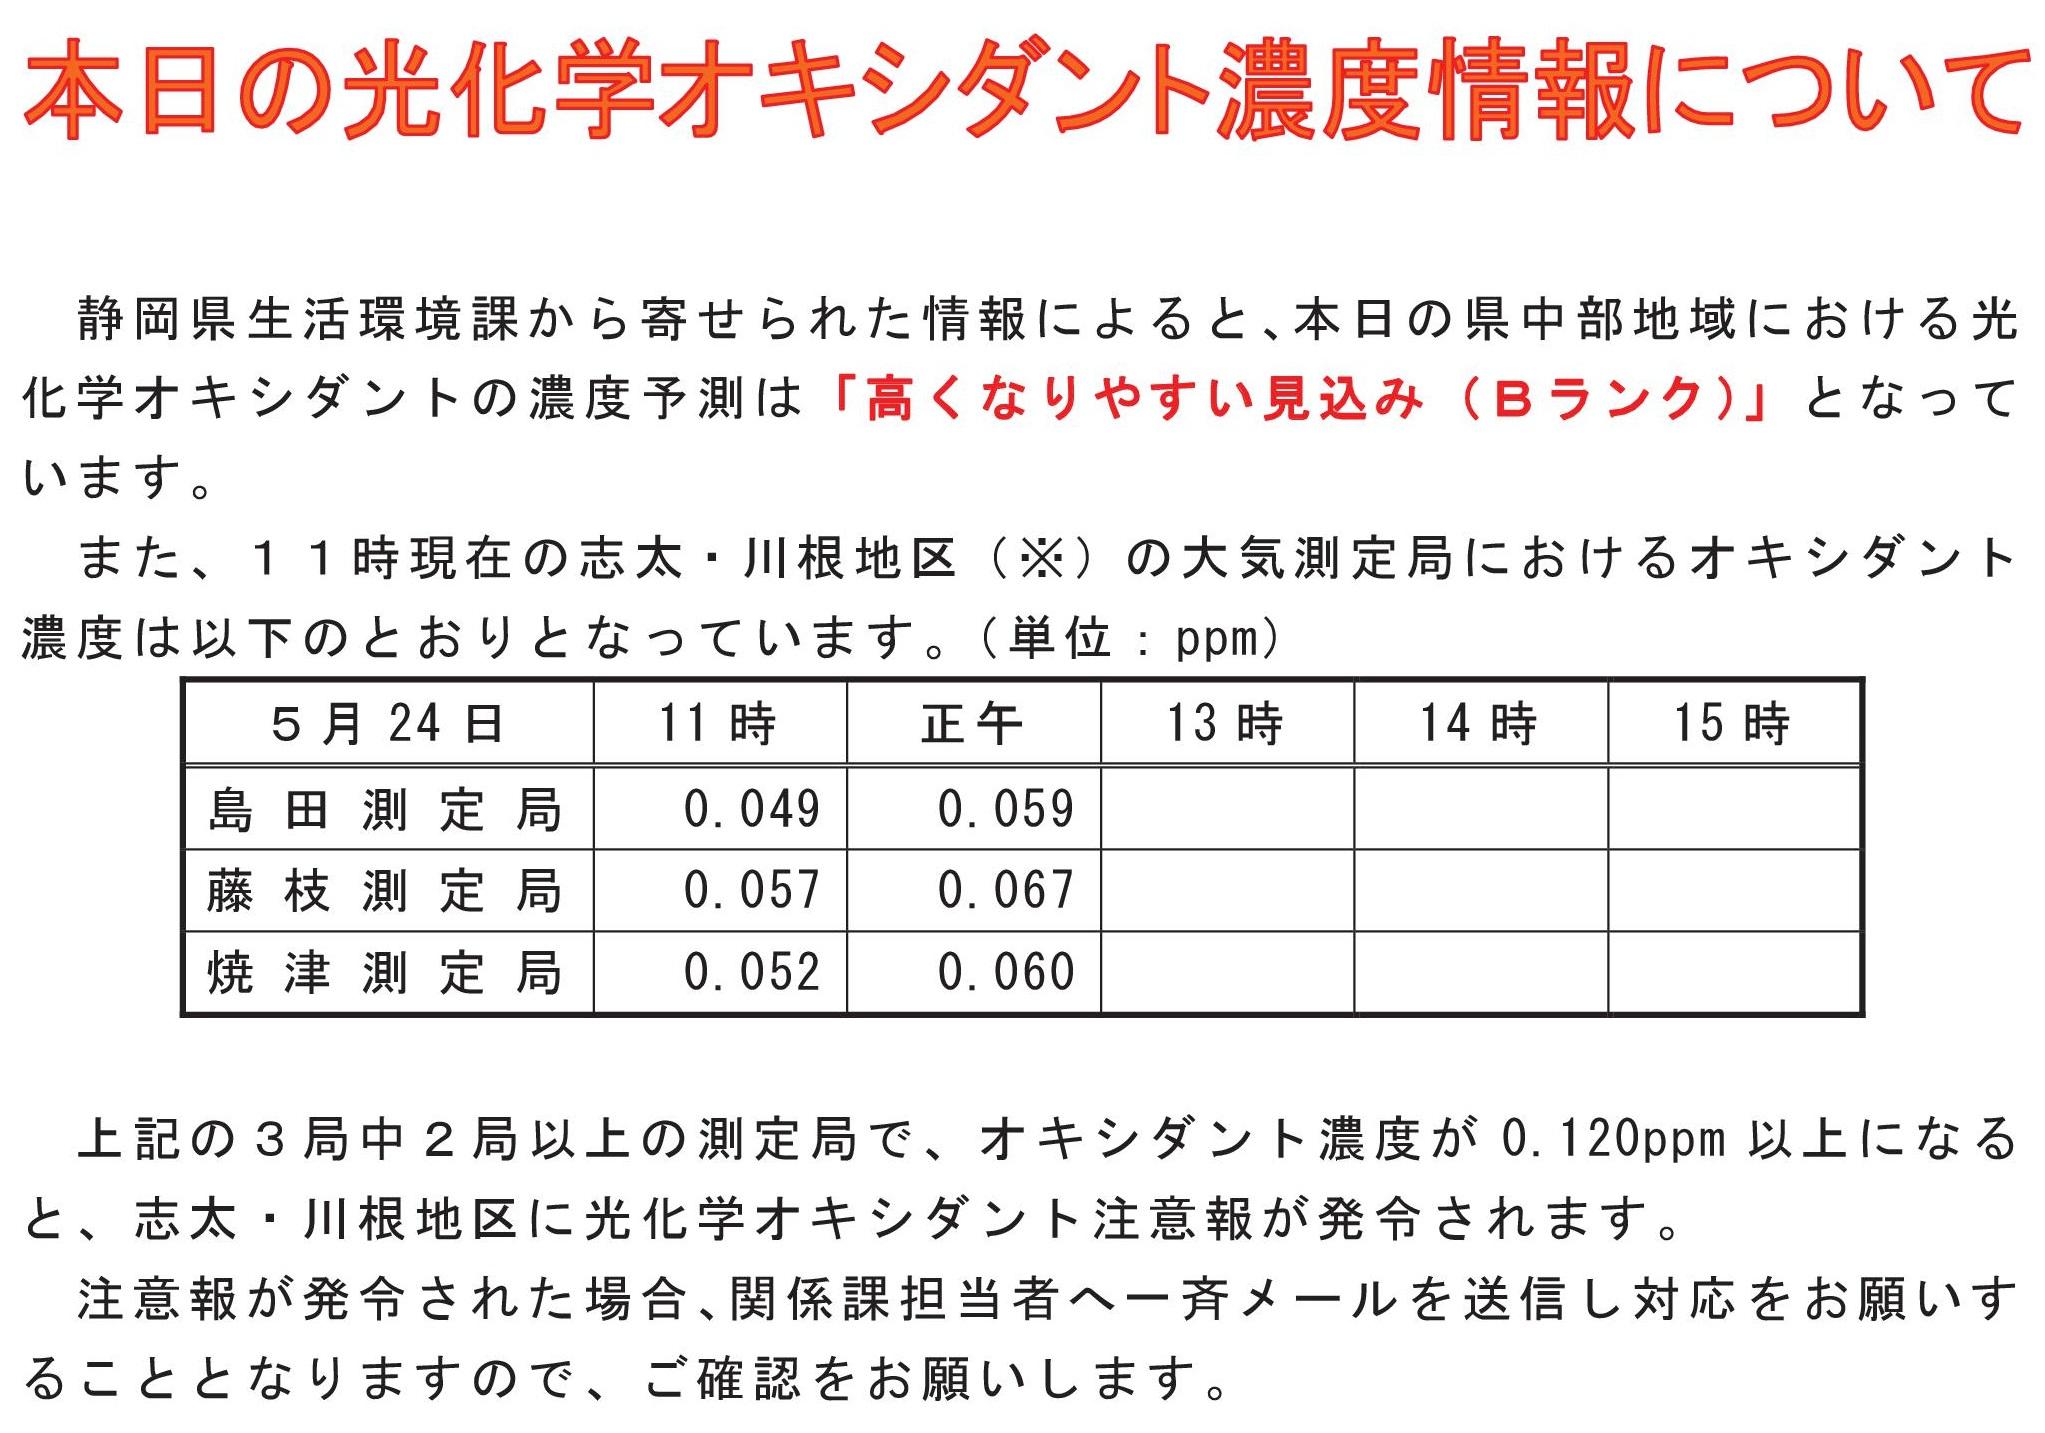 本日の大気汚染(オキシダント)情報